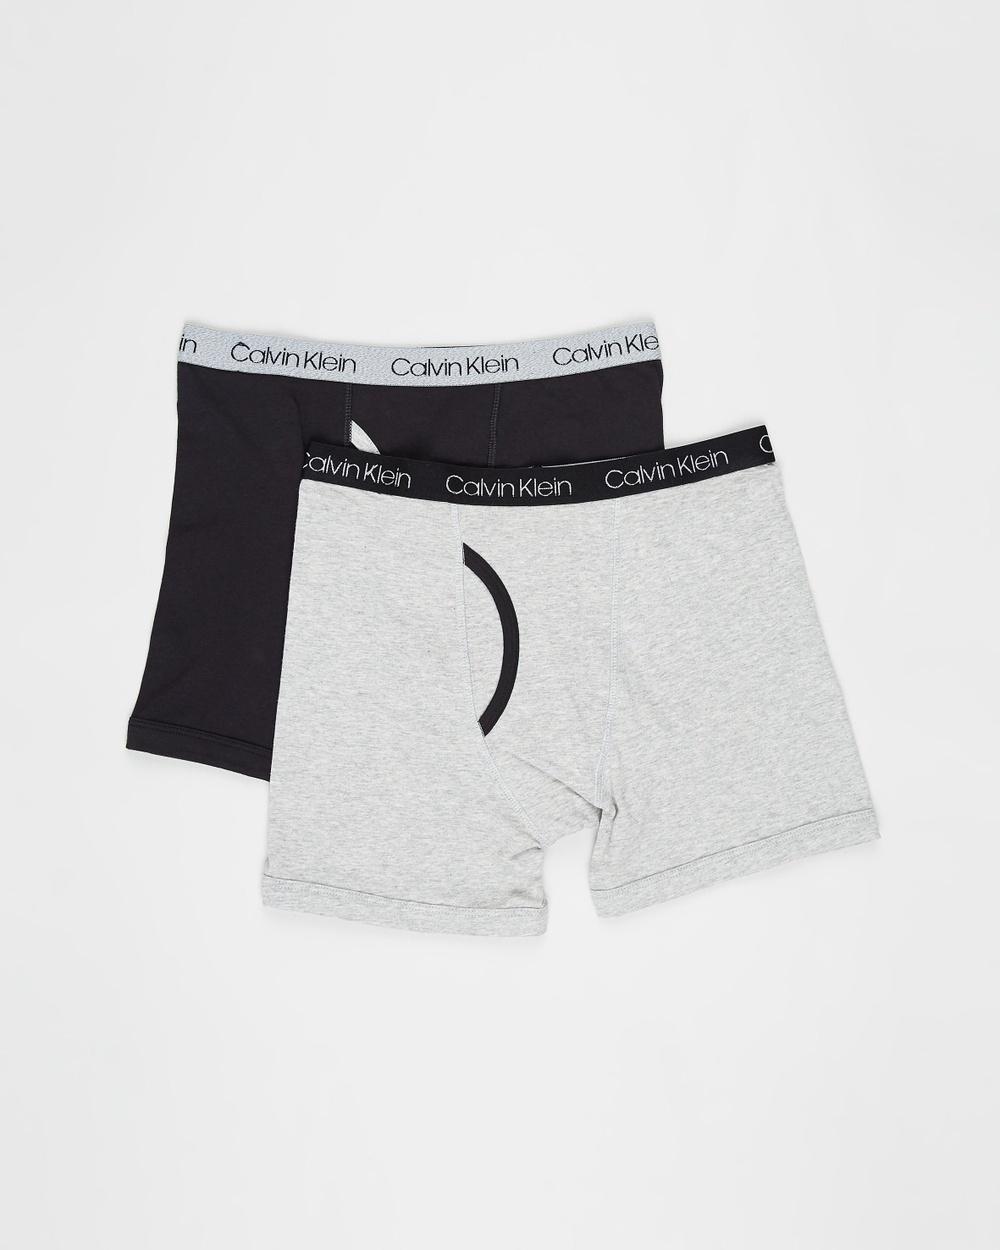 Calvin Klein Teen 2 Pack Cotton Stretch Boxer Briefs Heather Grey & Black 2-Pack